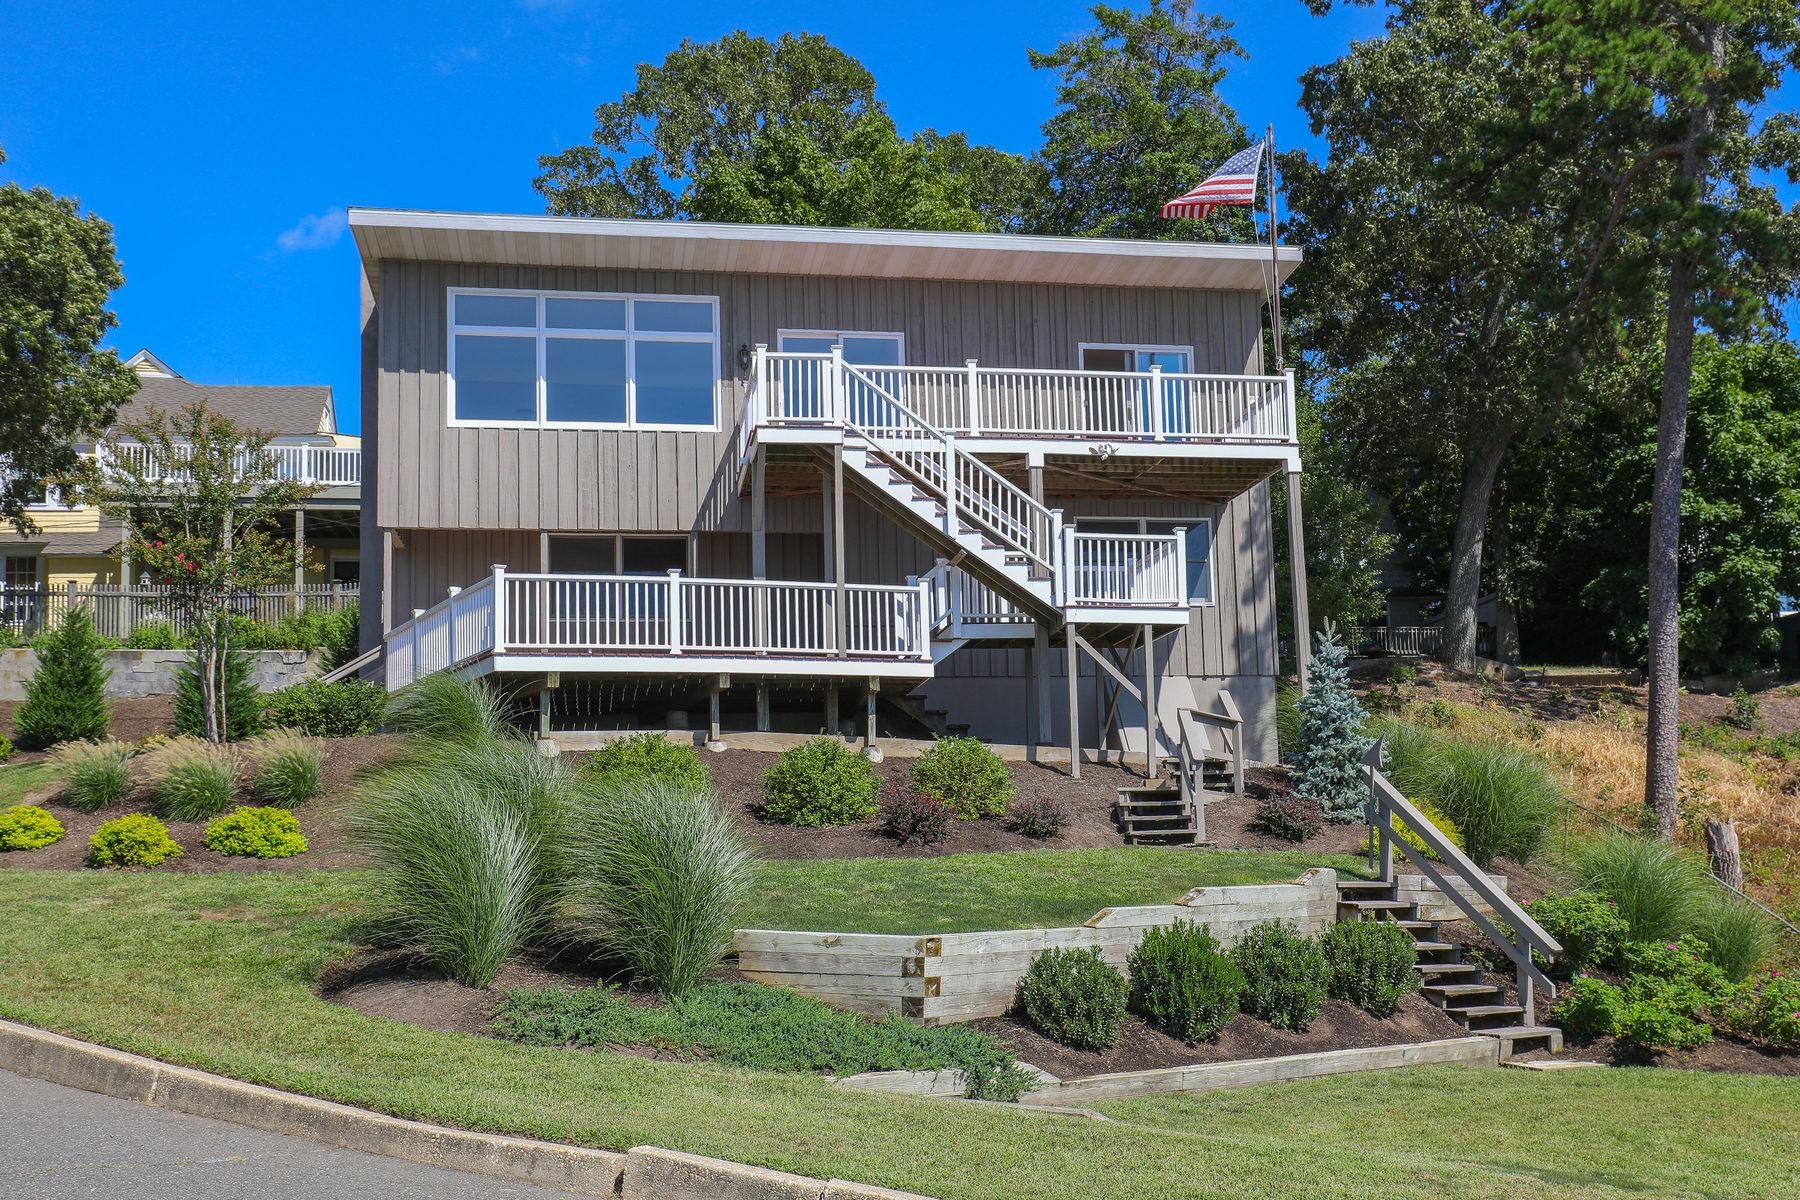 Casa Unifamiliar por un Venta en High On A Hill 21 Lake Drive Island Heights, Nueva Jersey 08732 Estados Unidos